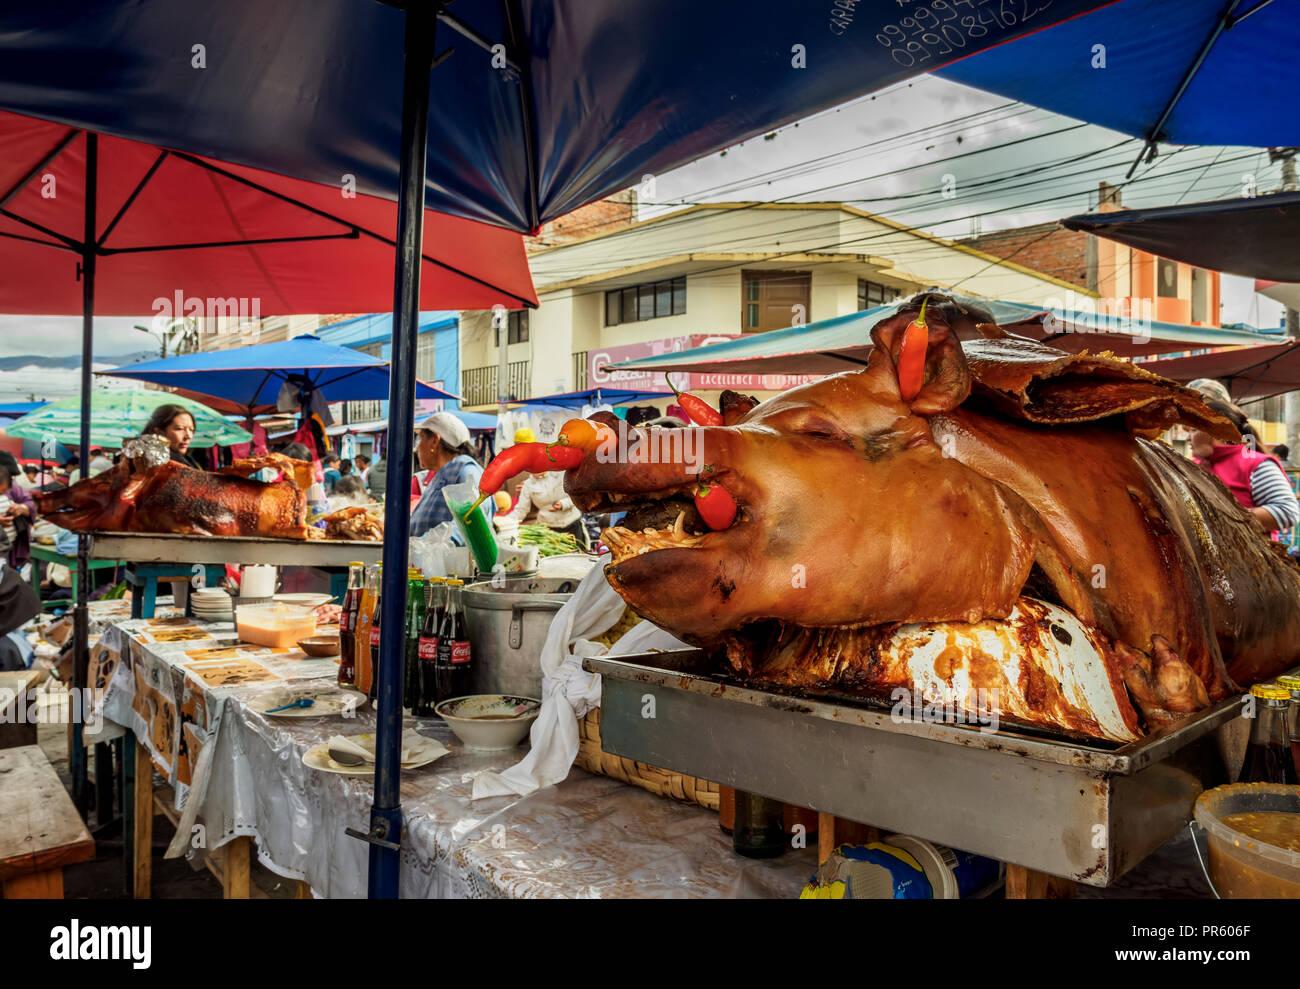 Saturday Food Market, Plaza de los Ponchos, Otavalo, Imbabura Province, Ecuador - Stock Image